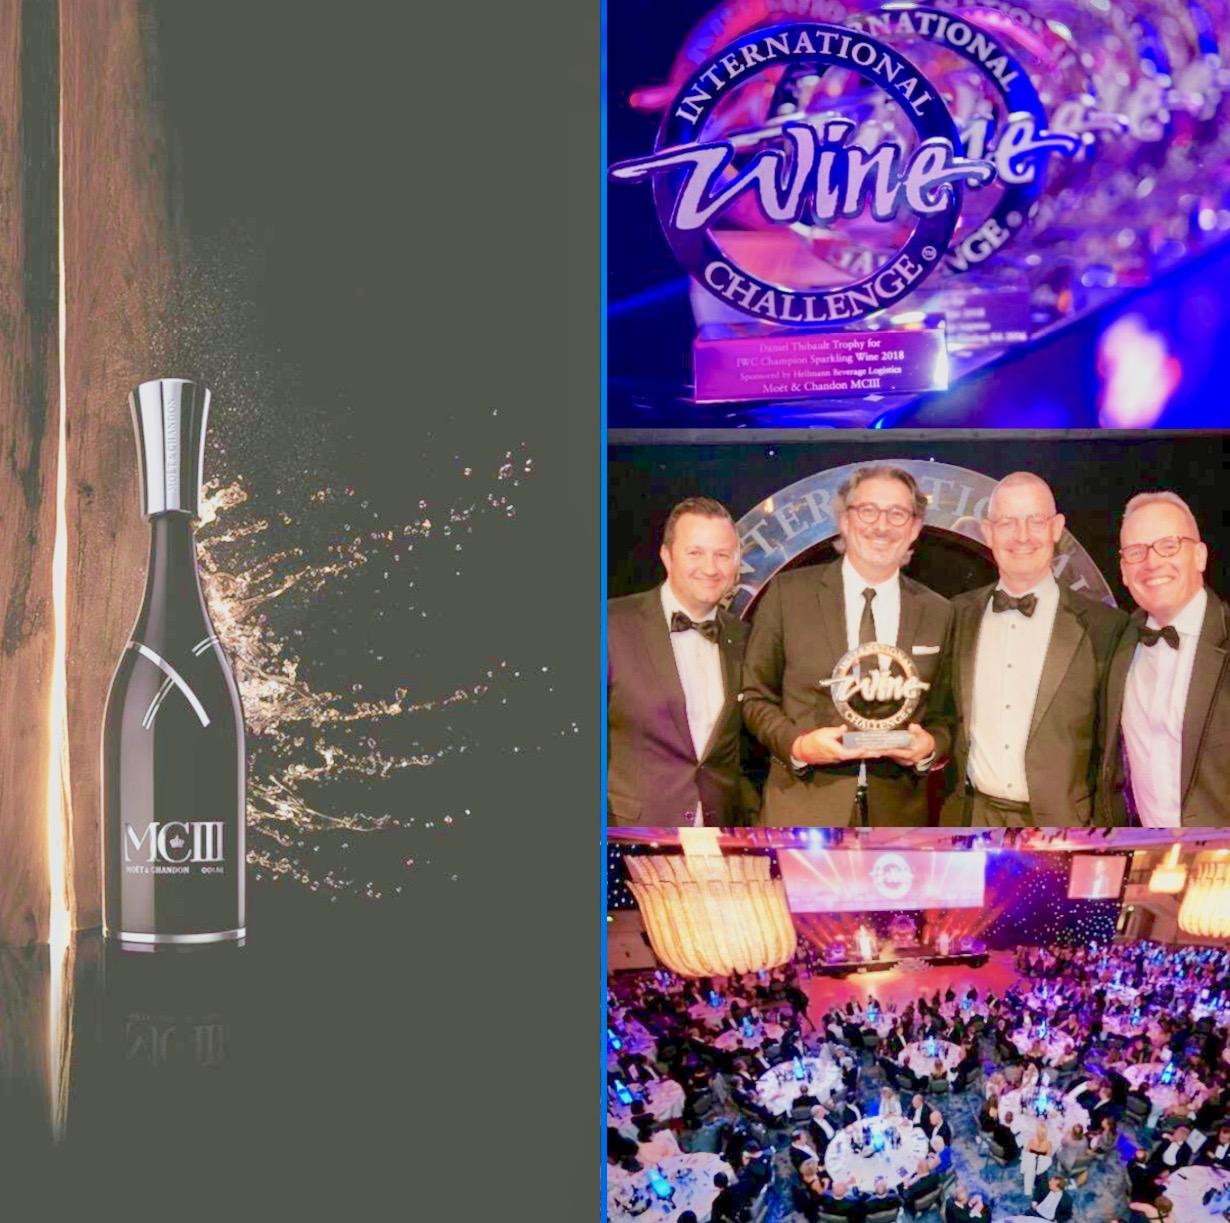 Le trophée de l'IWC champion sparkling wine 2018 décerné à MC III de Moët & Chandon élaboré par Benoît Gouez (portant la moustache)